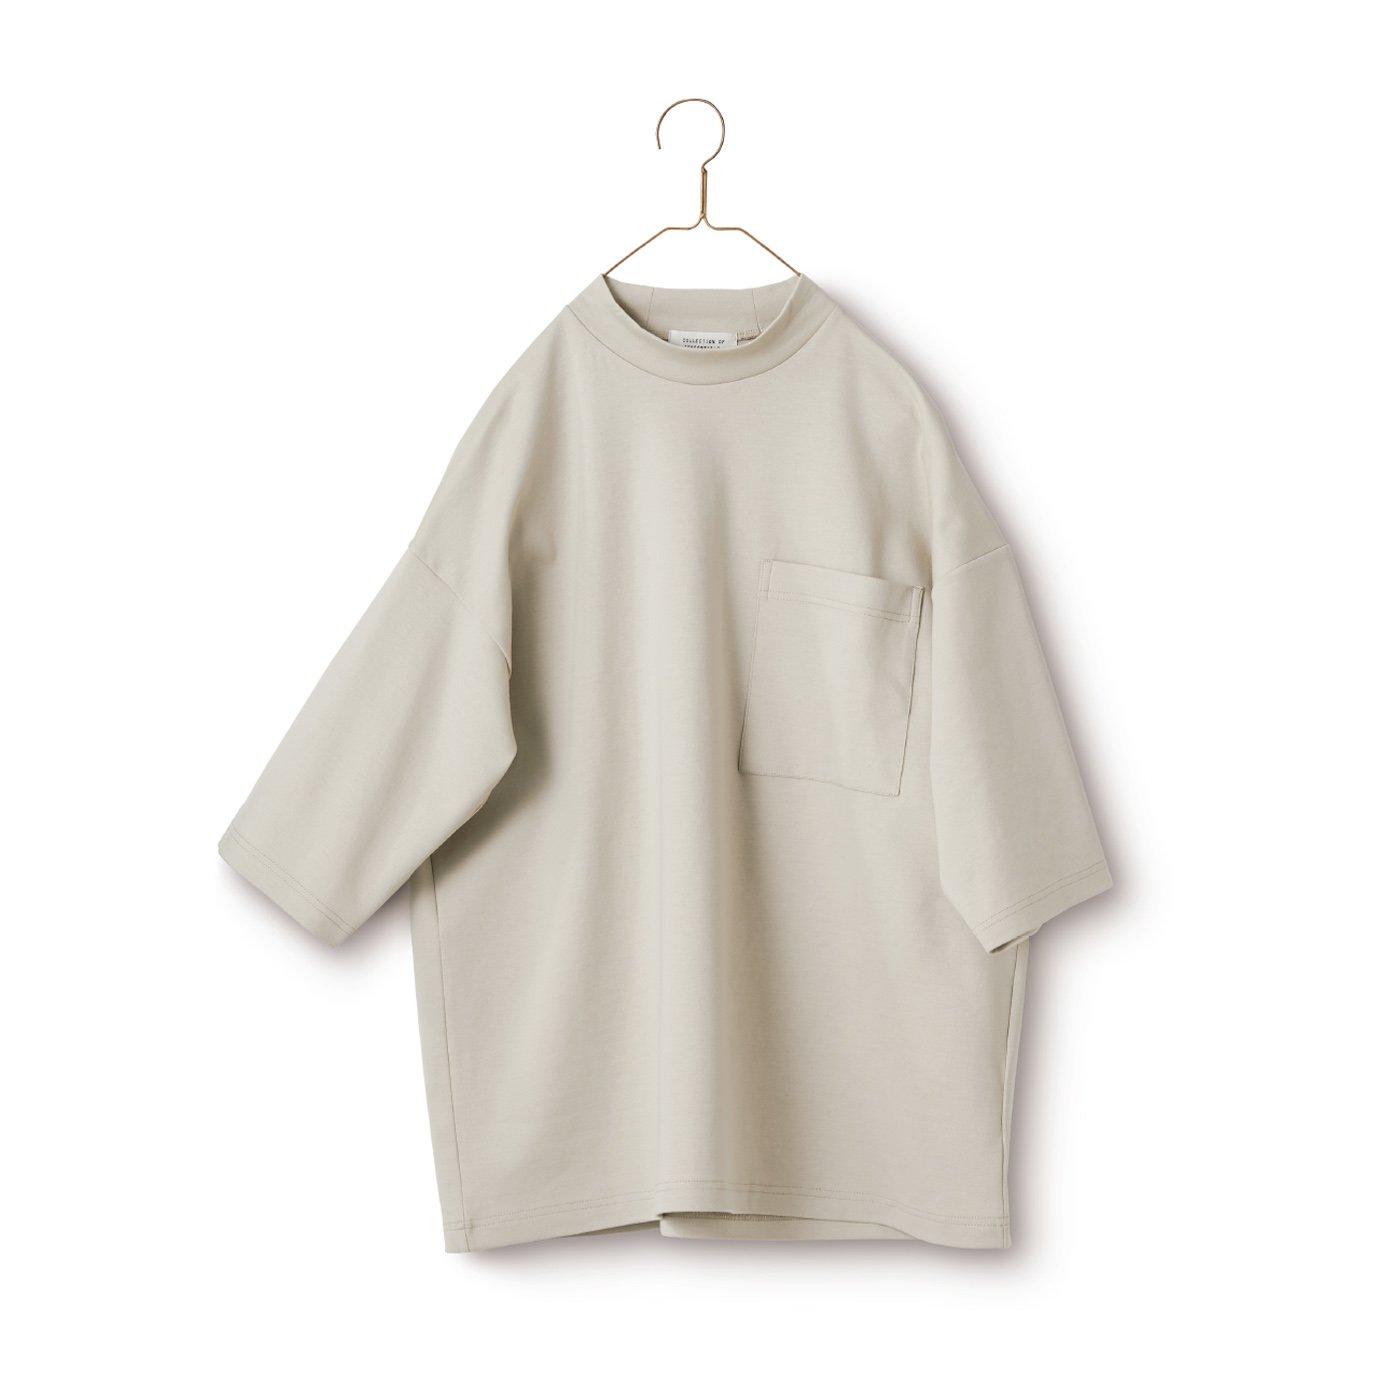 サニークラウズ ハイネックTシャツ〈メンズ〉